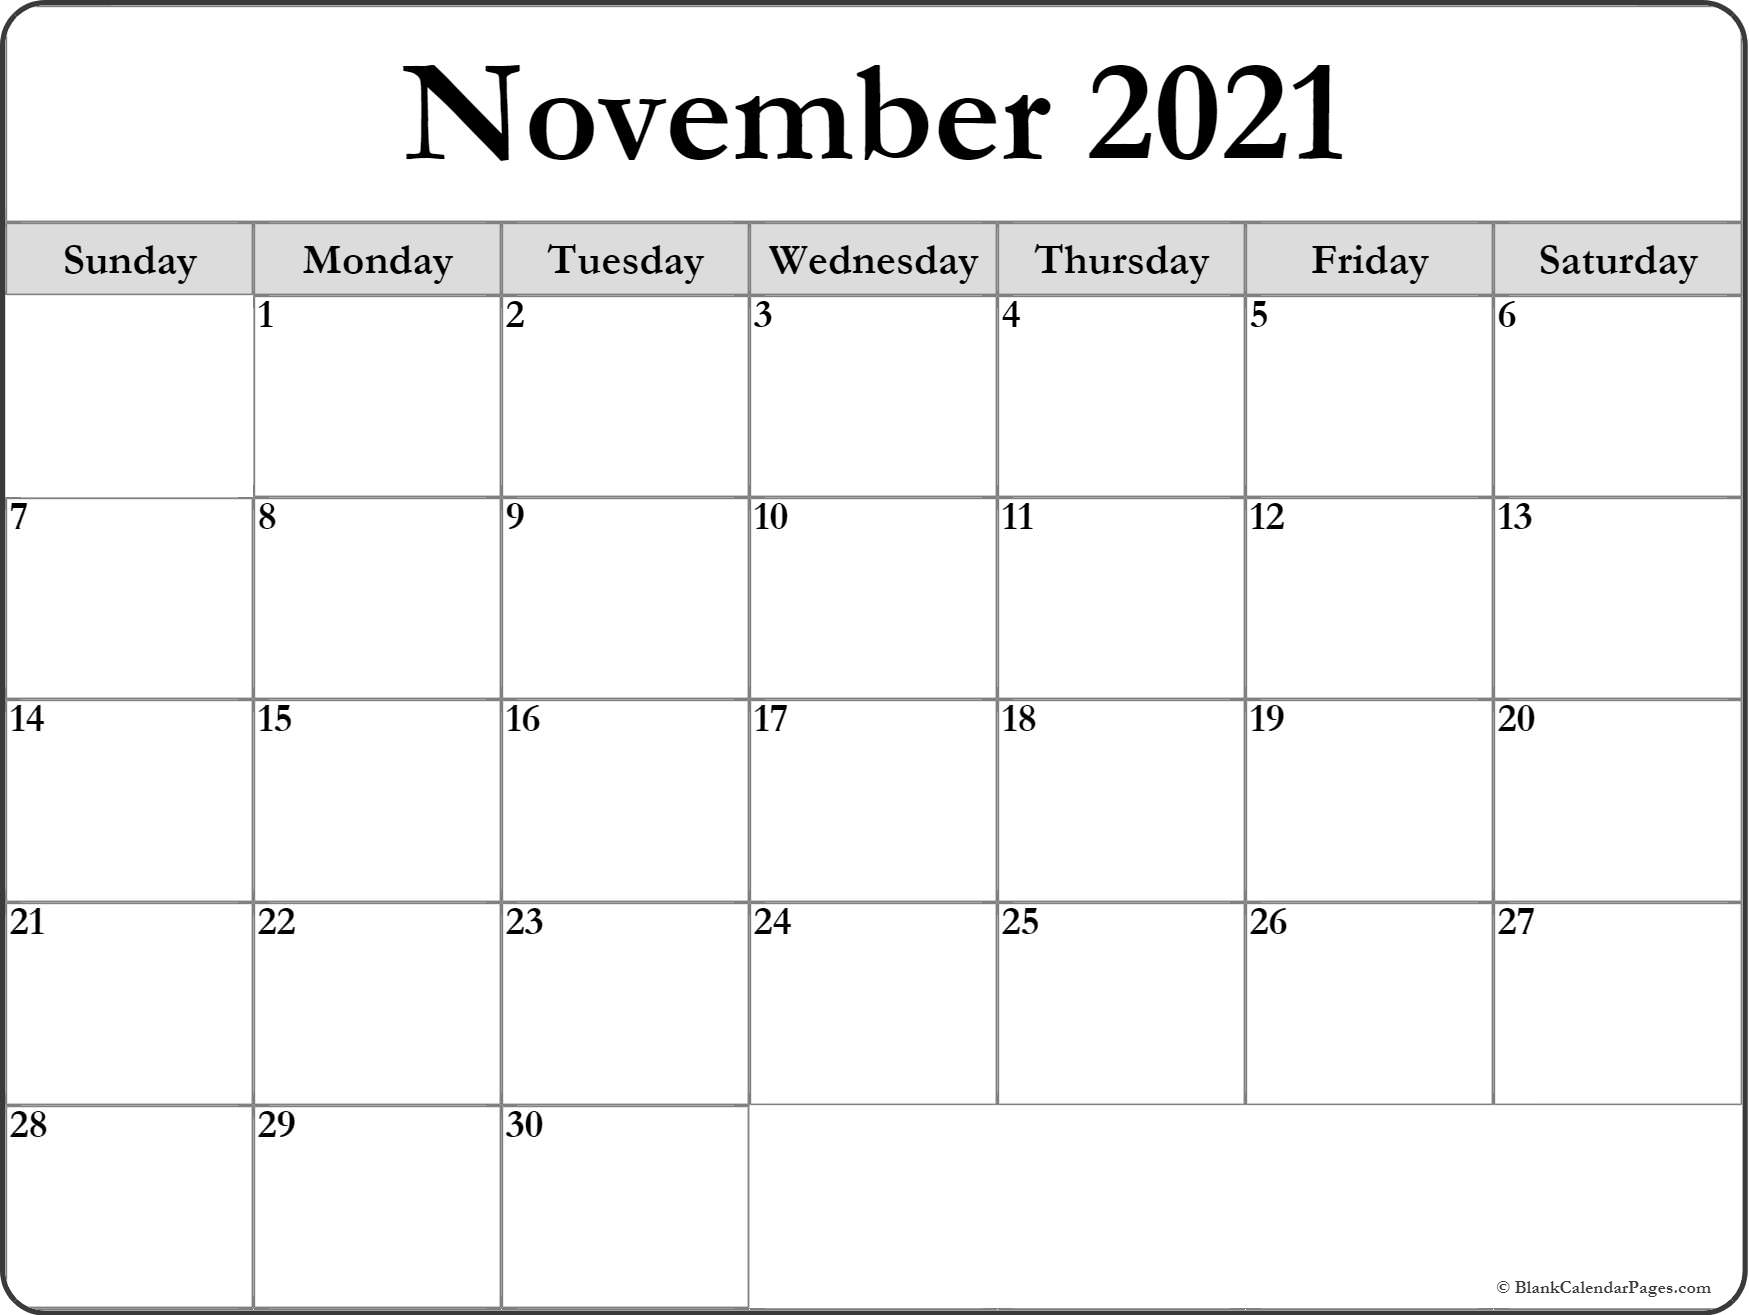 November 2021 Blank Calendar Templates.